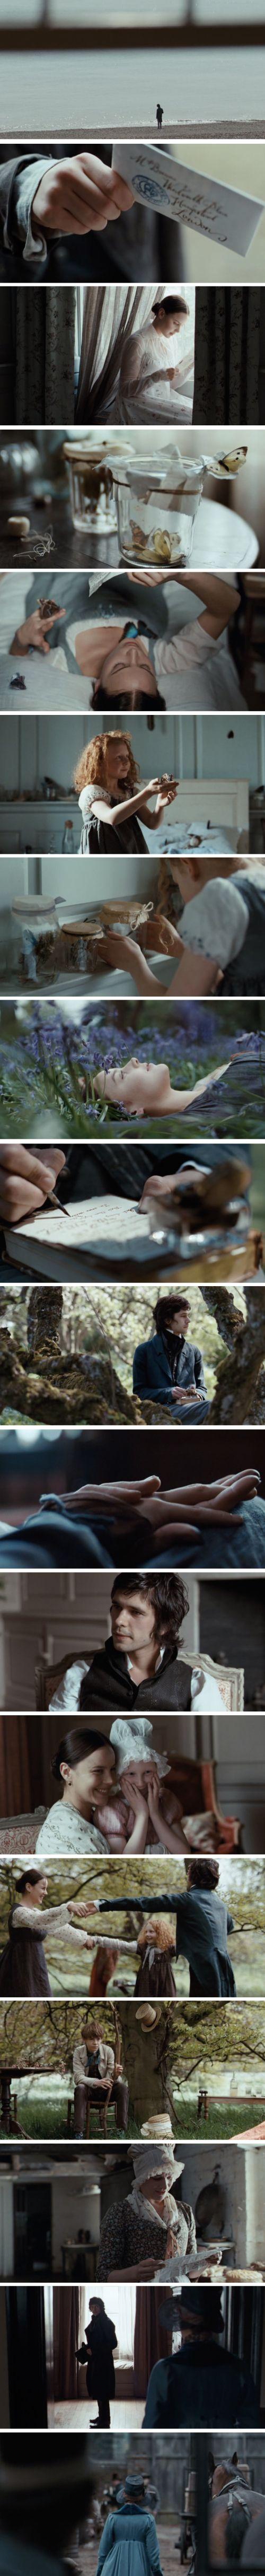 Sobre o romance de Keats e Fanny Brawne! Tão lindo e tão triste esse filme.  As cenas de costura são de tirar o fôlego!